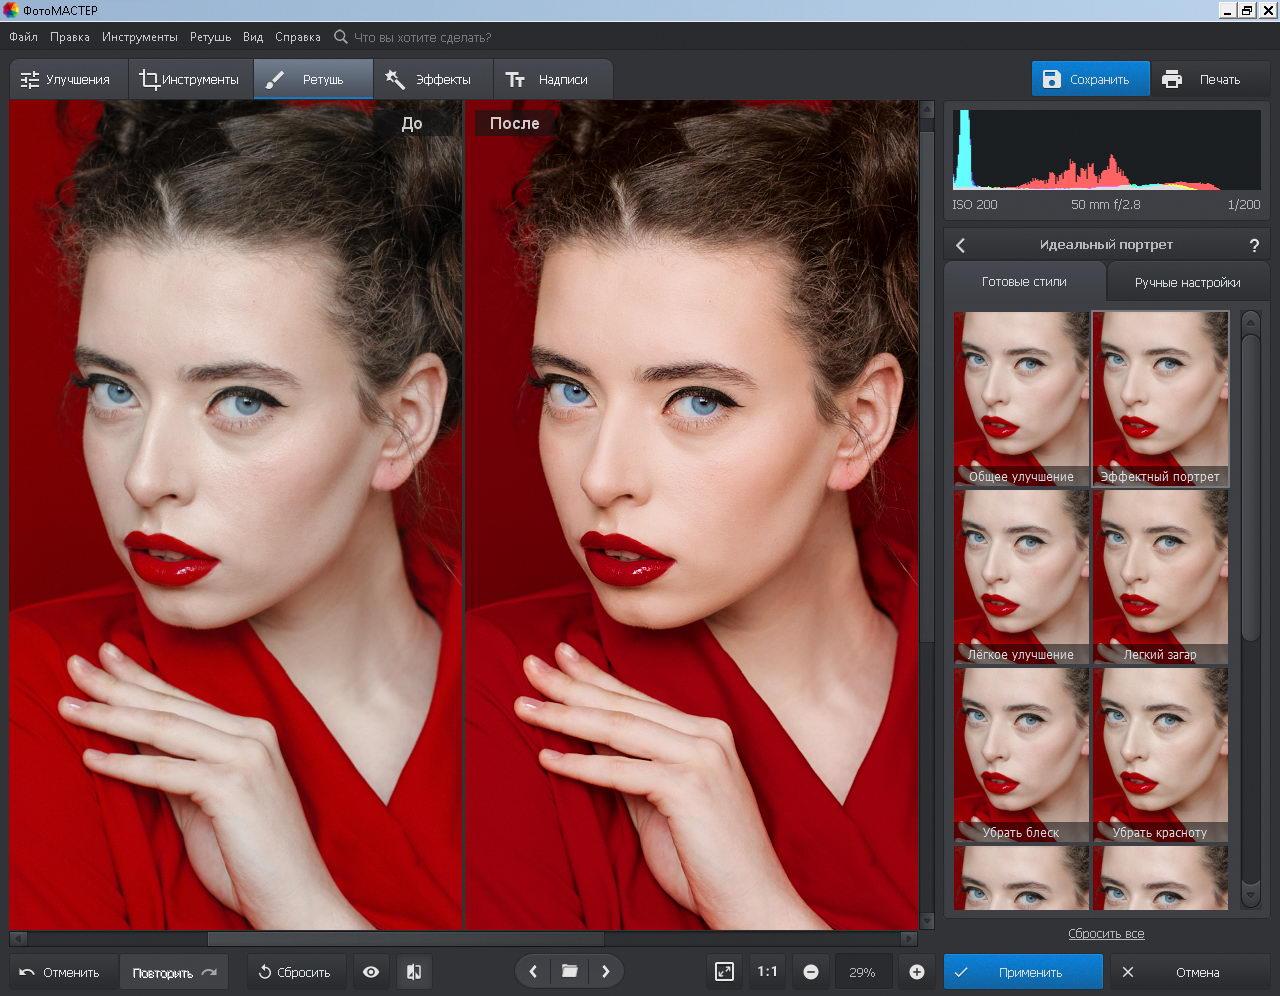 Автоматическая обработка фотографий в редакторе №13